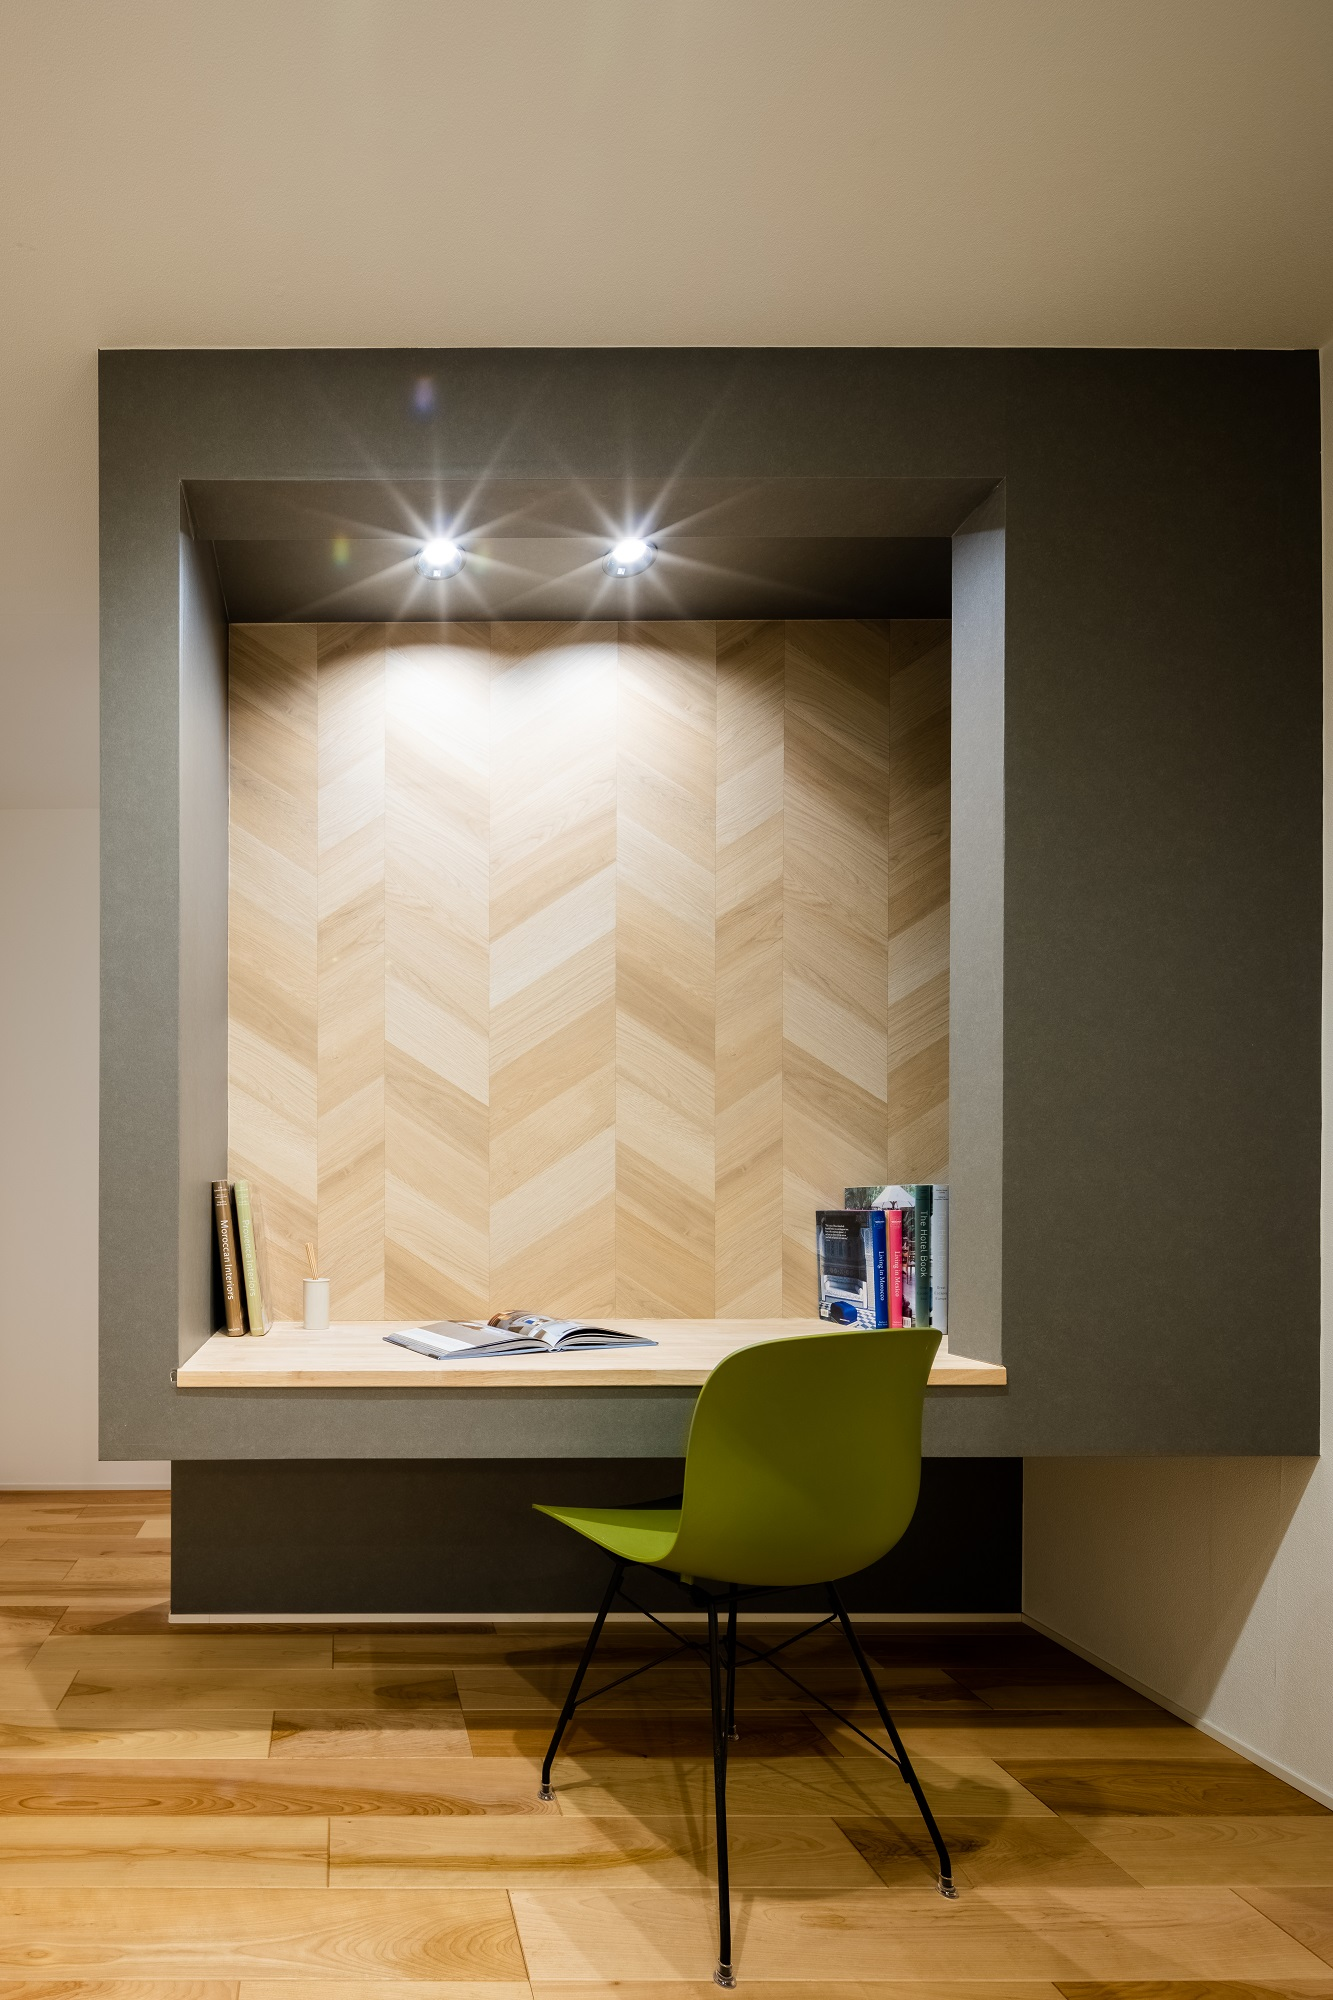 リモートワーク用にご要望も多い書斎スペース。好きな壁紙で遊びゴコロのある空間に仕上げることも可能です。